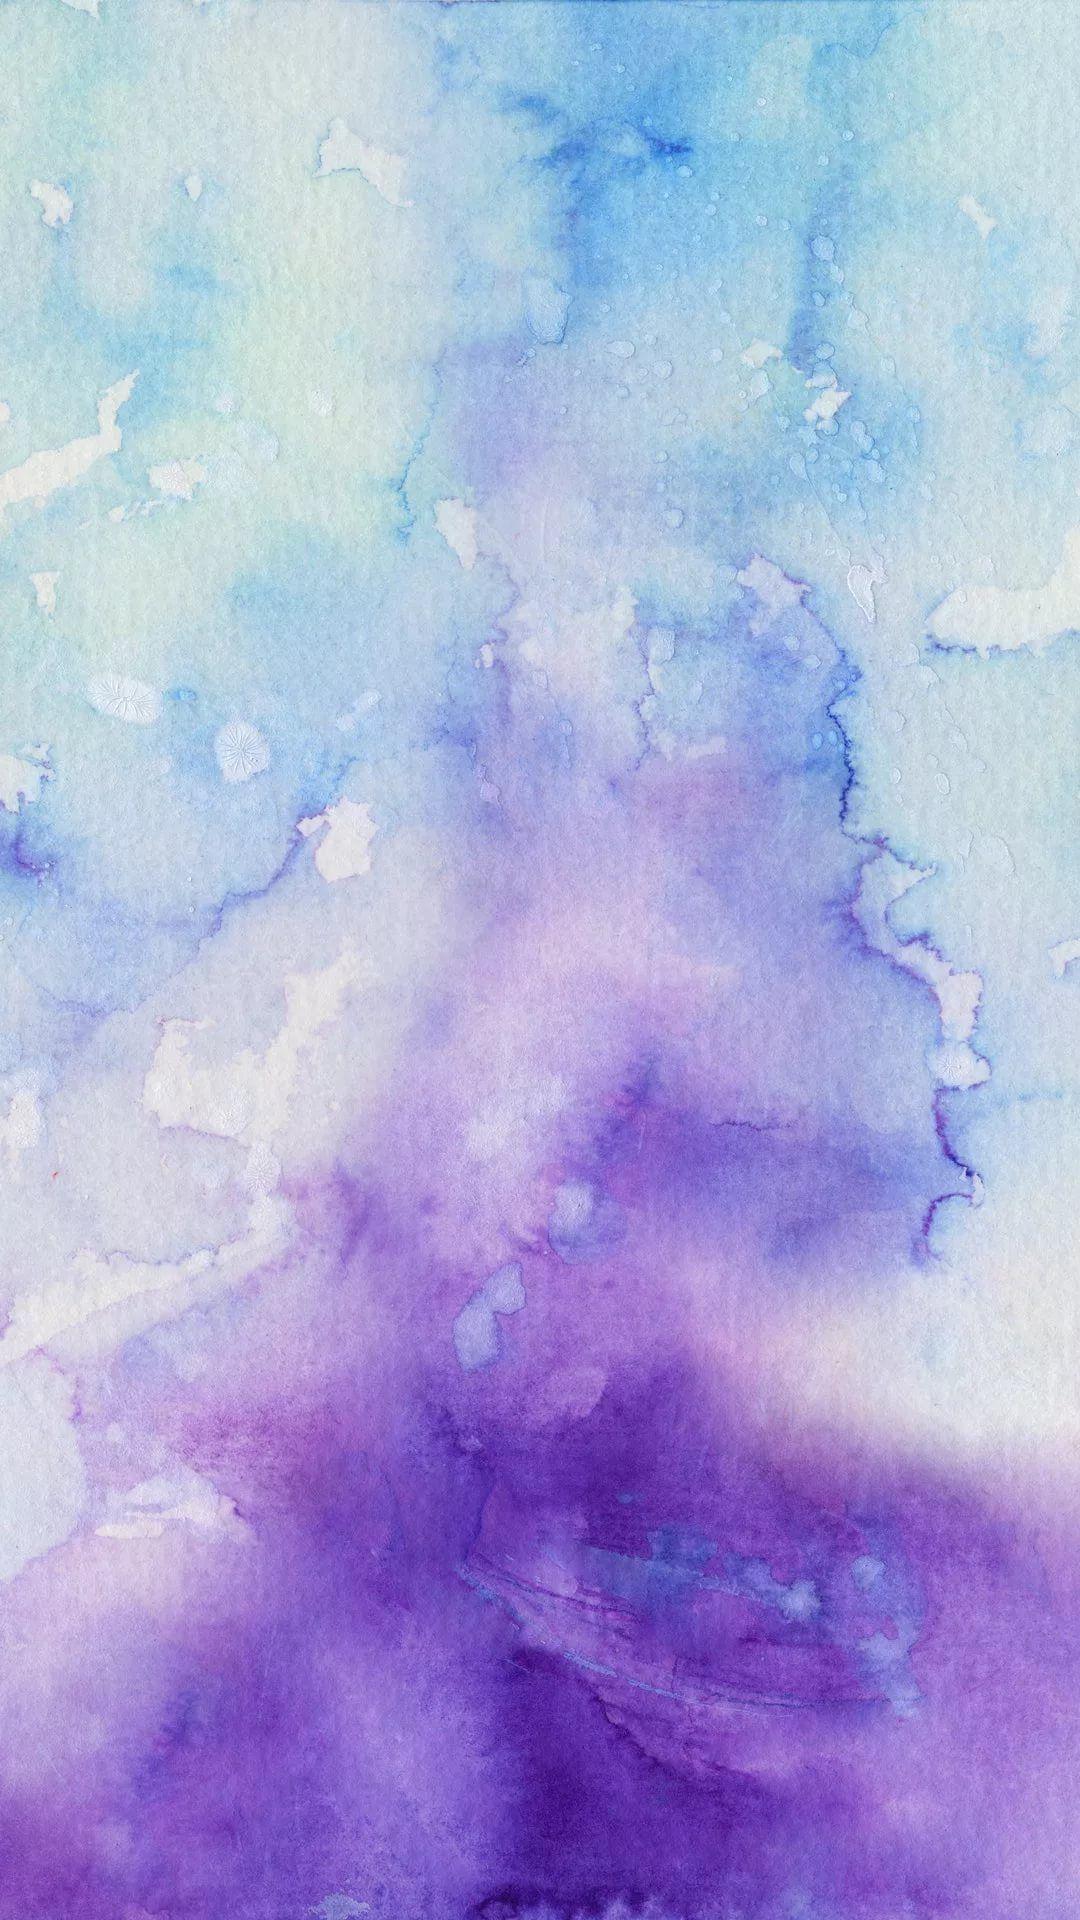 Watercolor iPhone 6 wallpaper